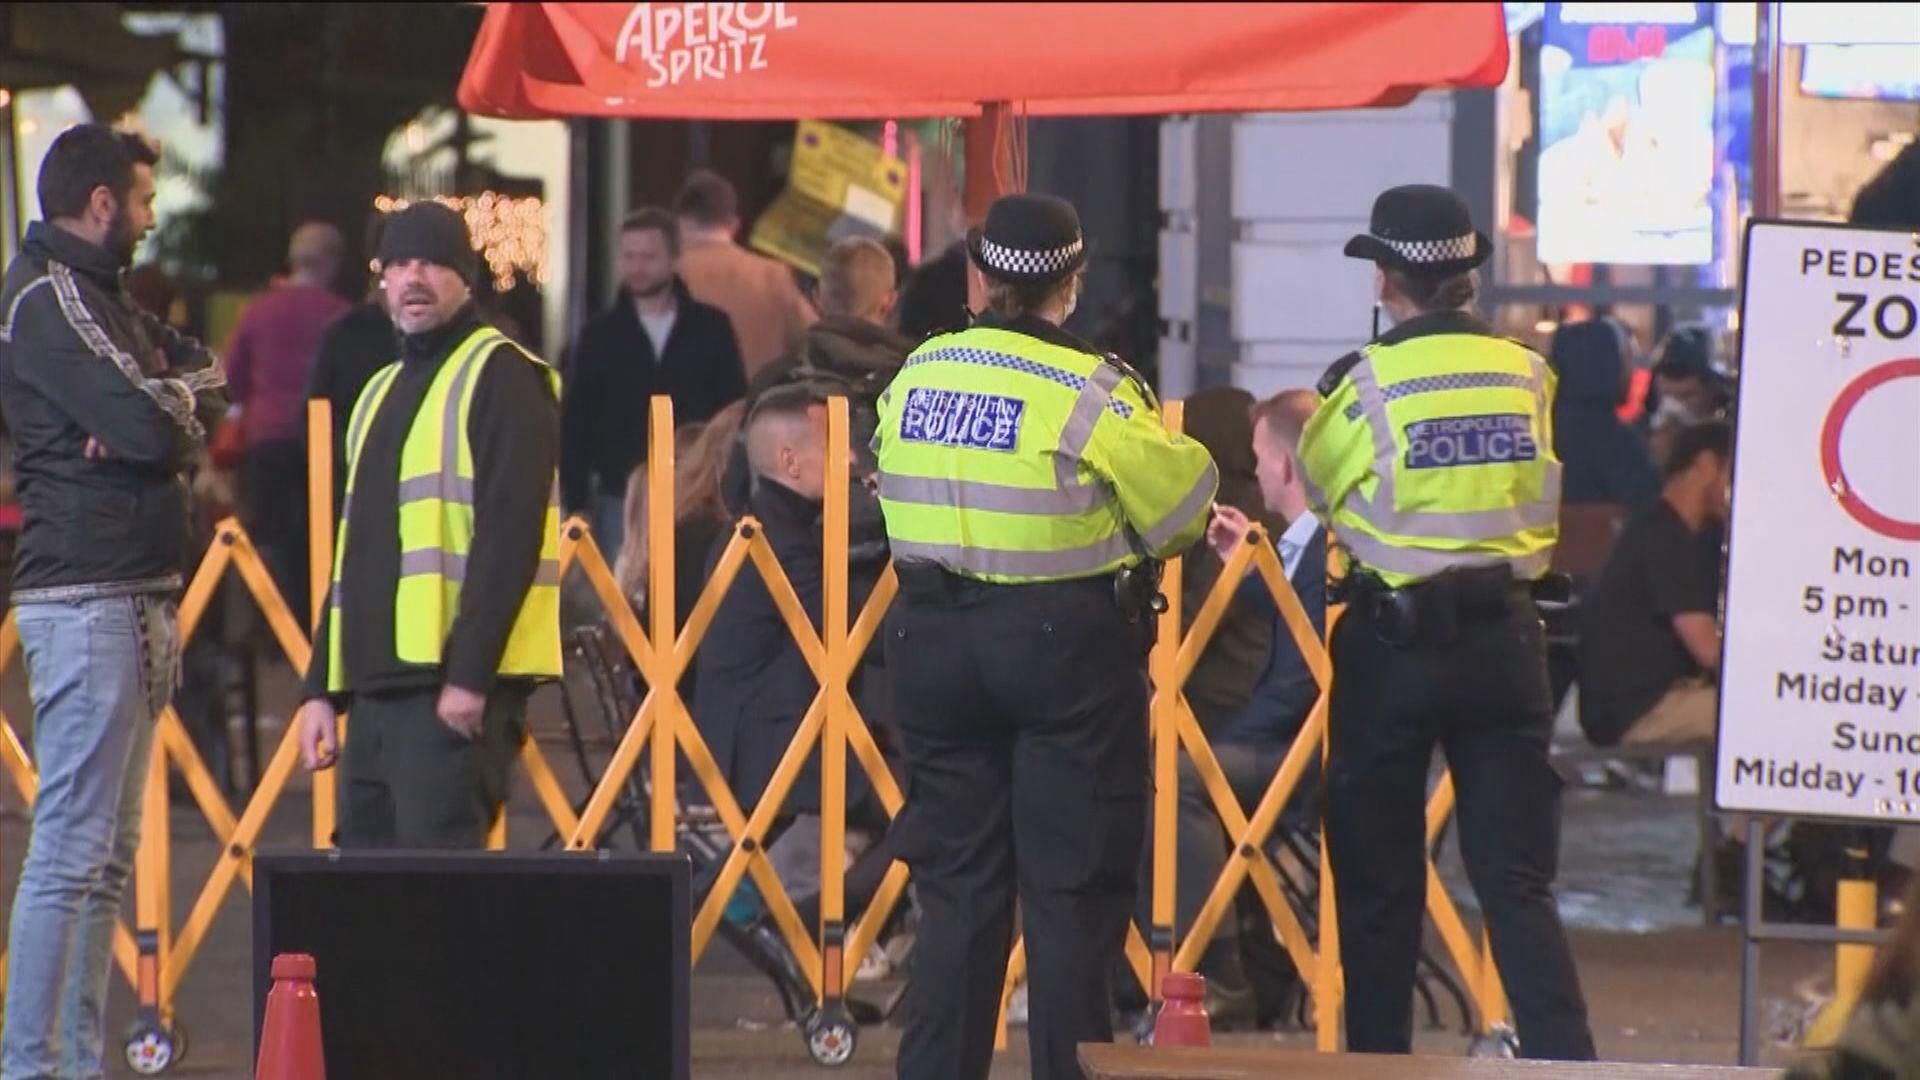 英格蘭東北部疫情加劇 將採取更嚴格限制措施